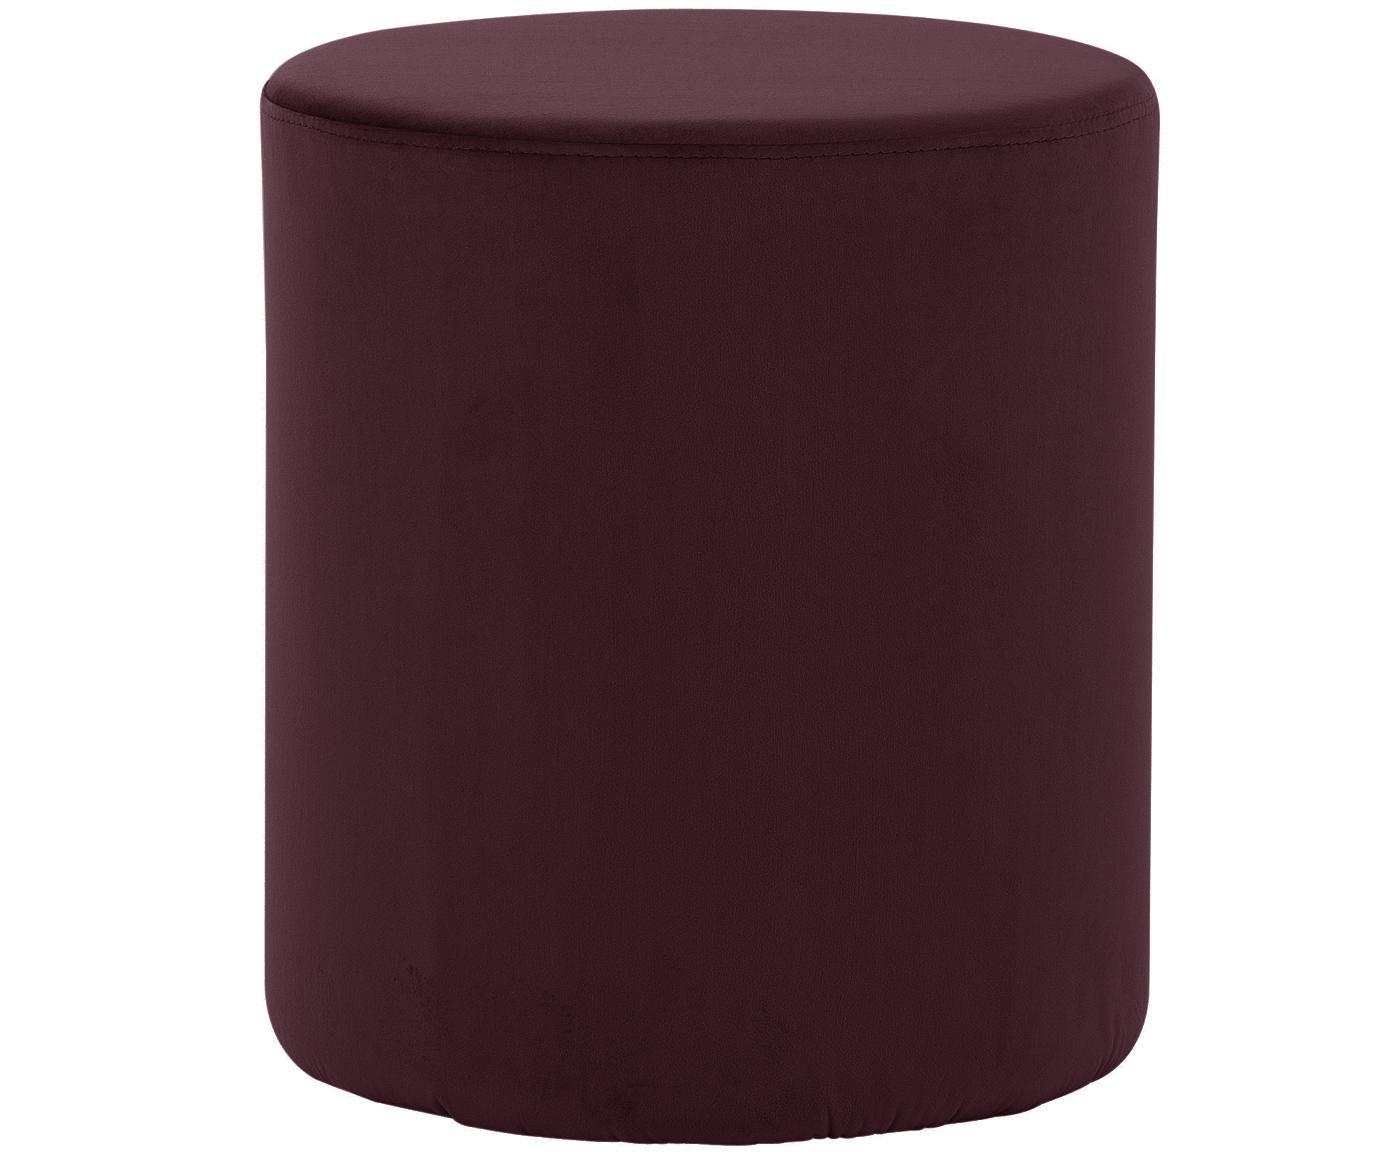 Pouf in velluto Daisy, Rivestimento: velluto (poliestere) 15.0, Struttura: pannello di fibra a media, Rosso scuro, Ø 38 x Alt. 46 cm